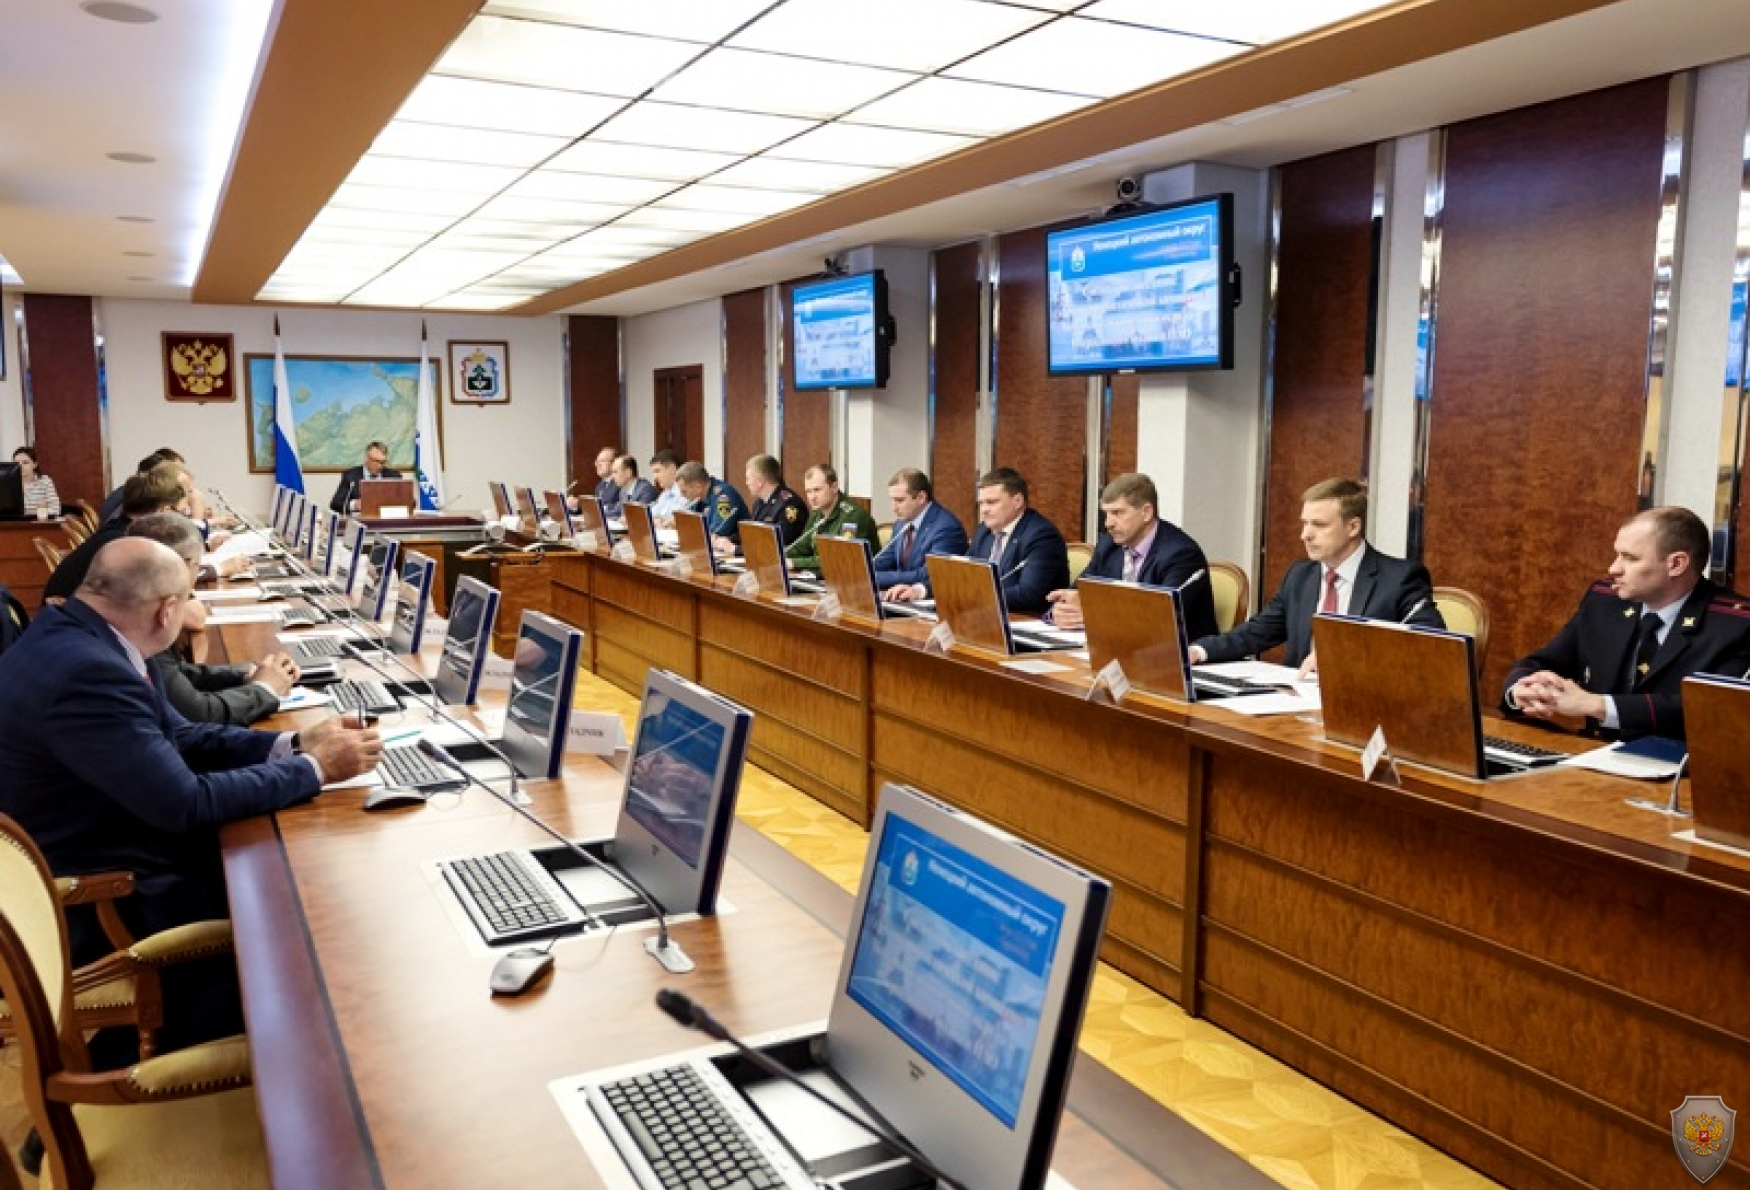 В работе заседания приняли участие руководители территориальных органов федеральных органов исполнительной власти, органов исполнительной  власти округа и главы муниципальных образований.